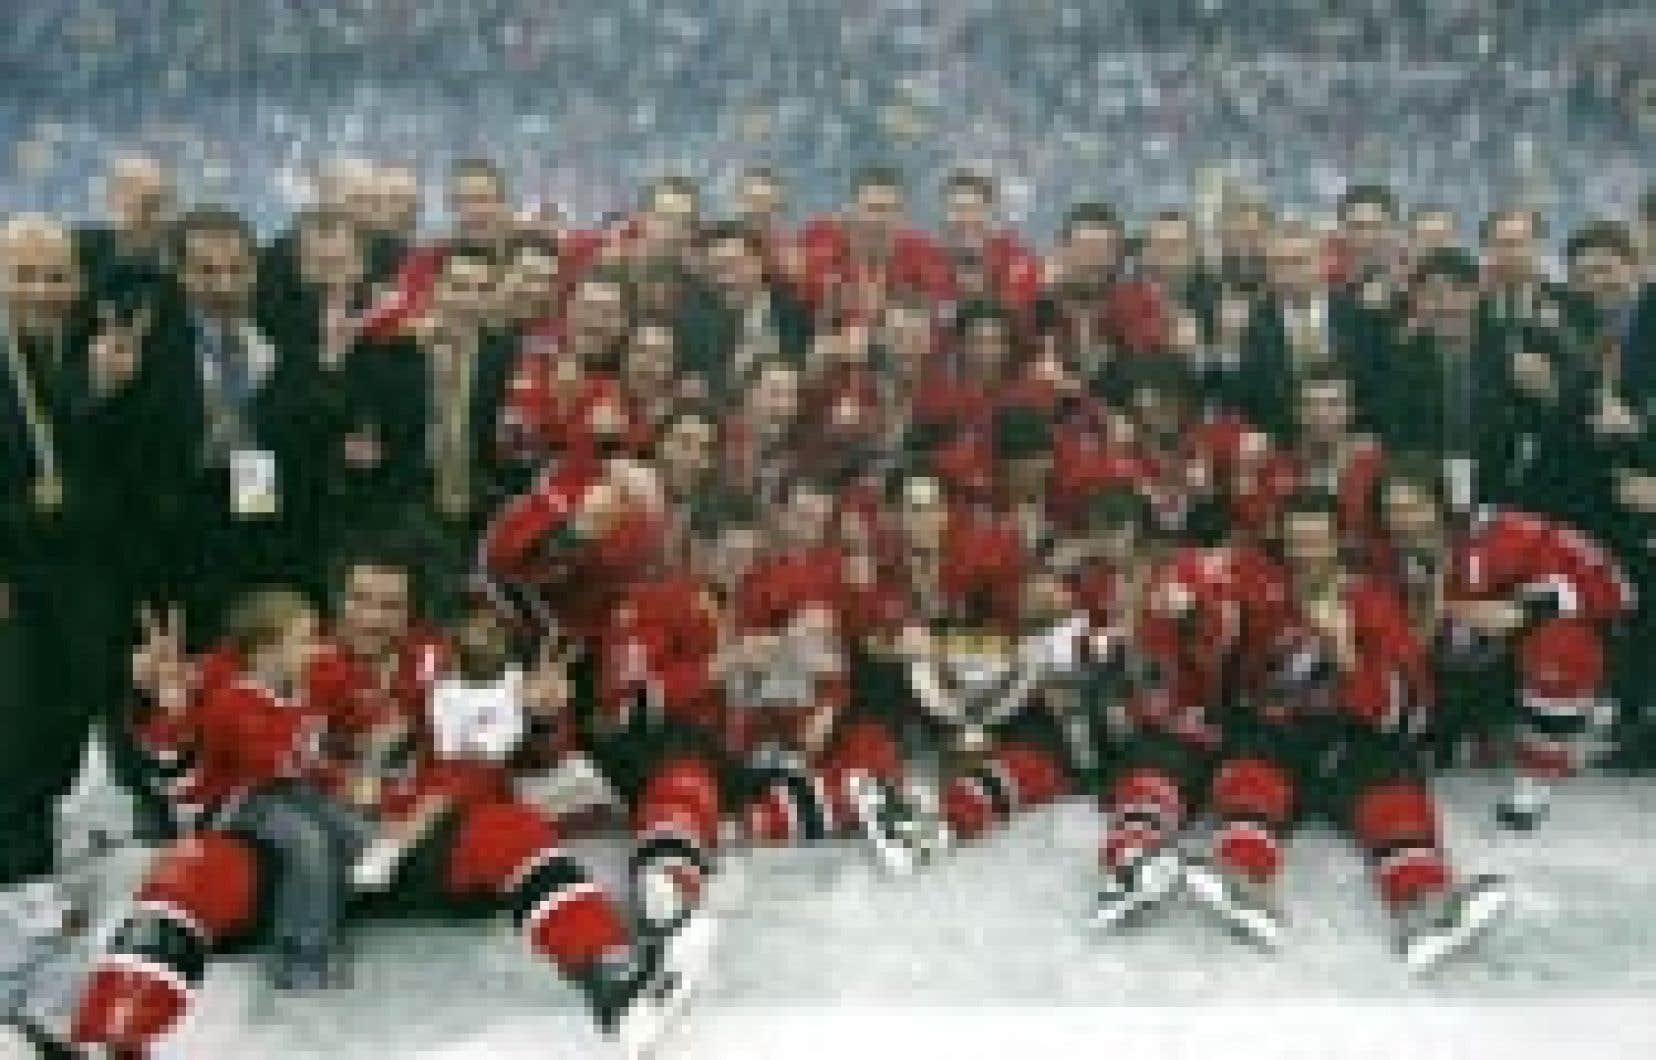 L'équipe canadienne, célébrant sa deuxième victoire consécutive aux championnats du monde.